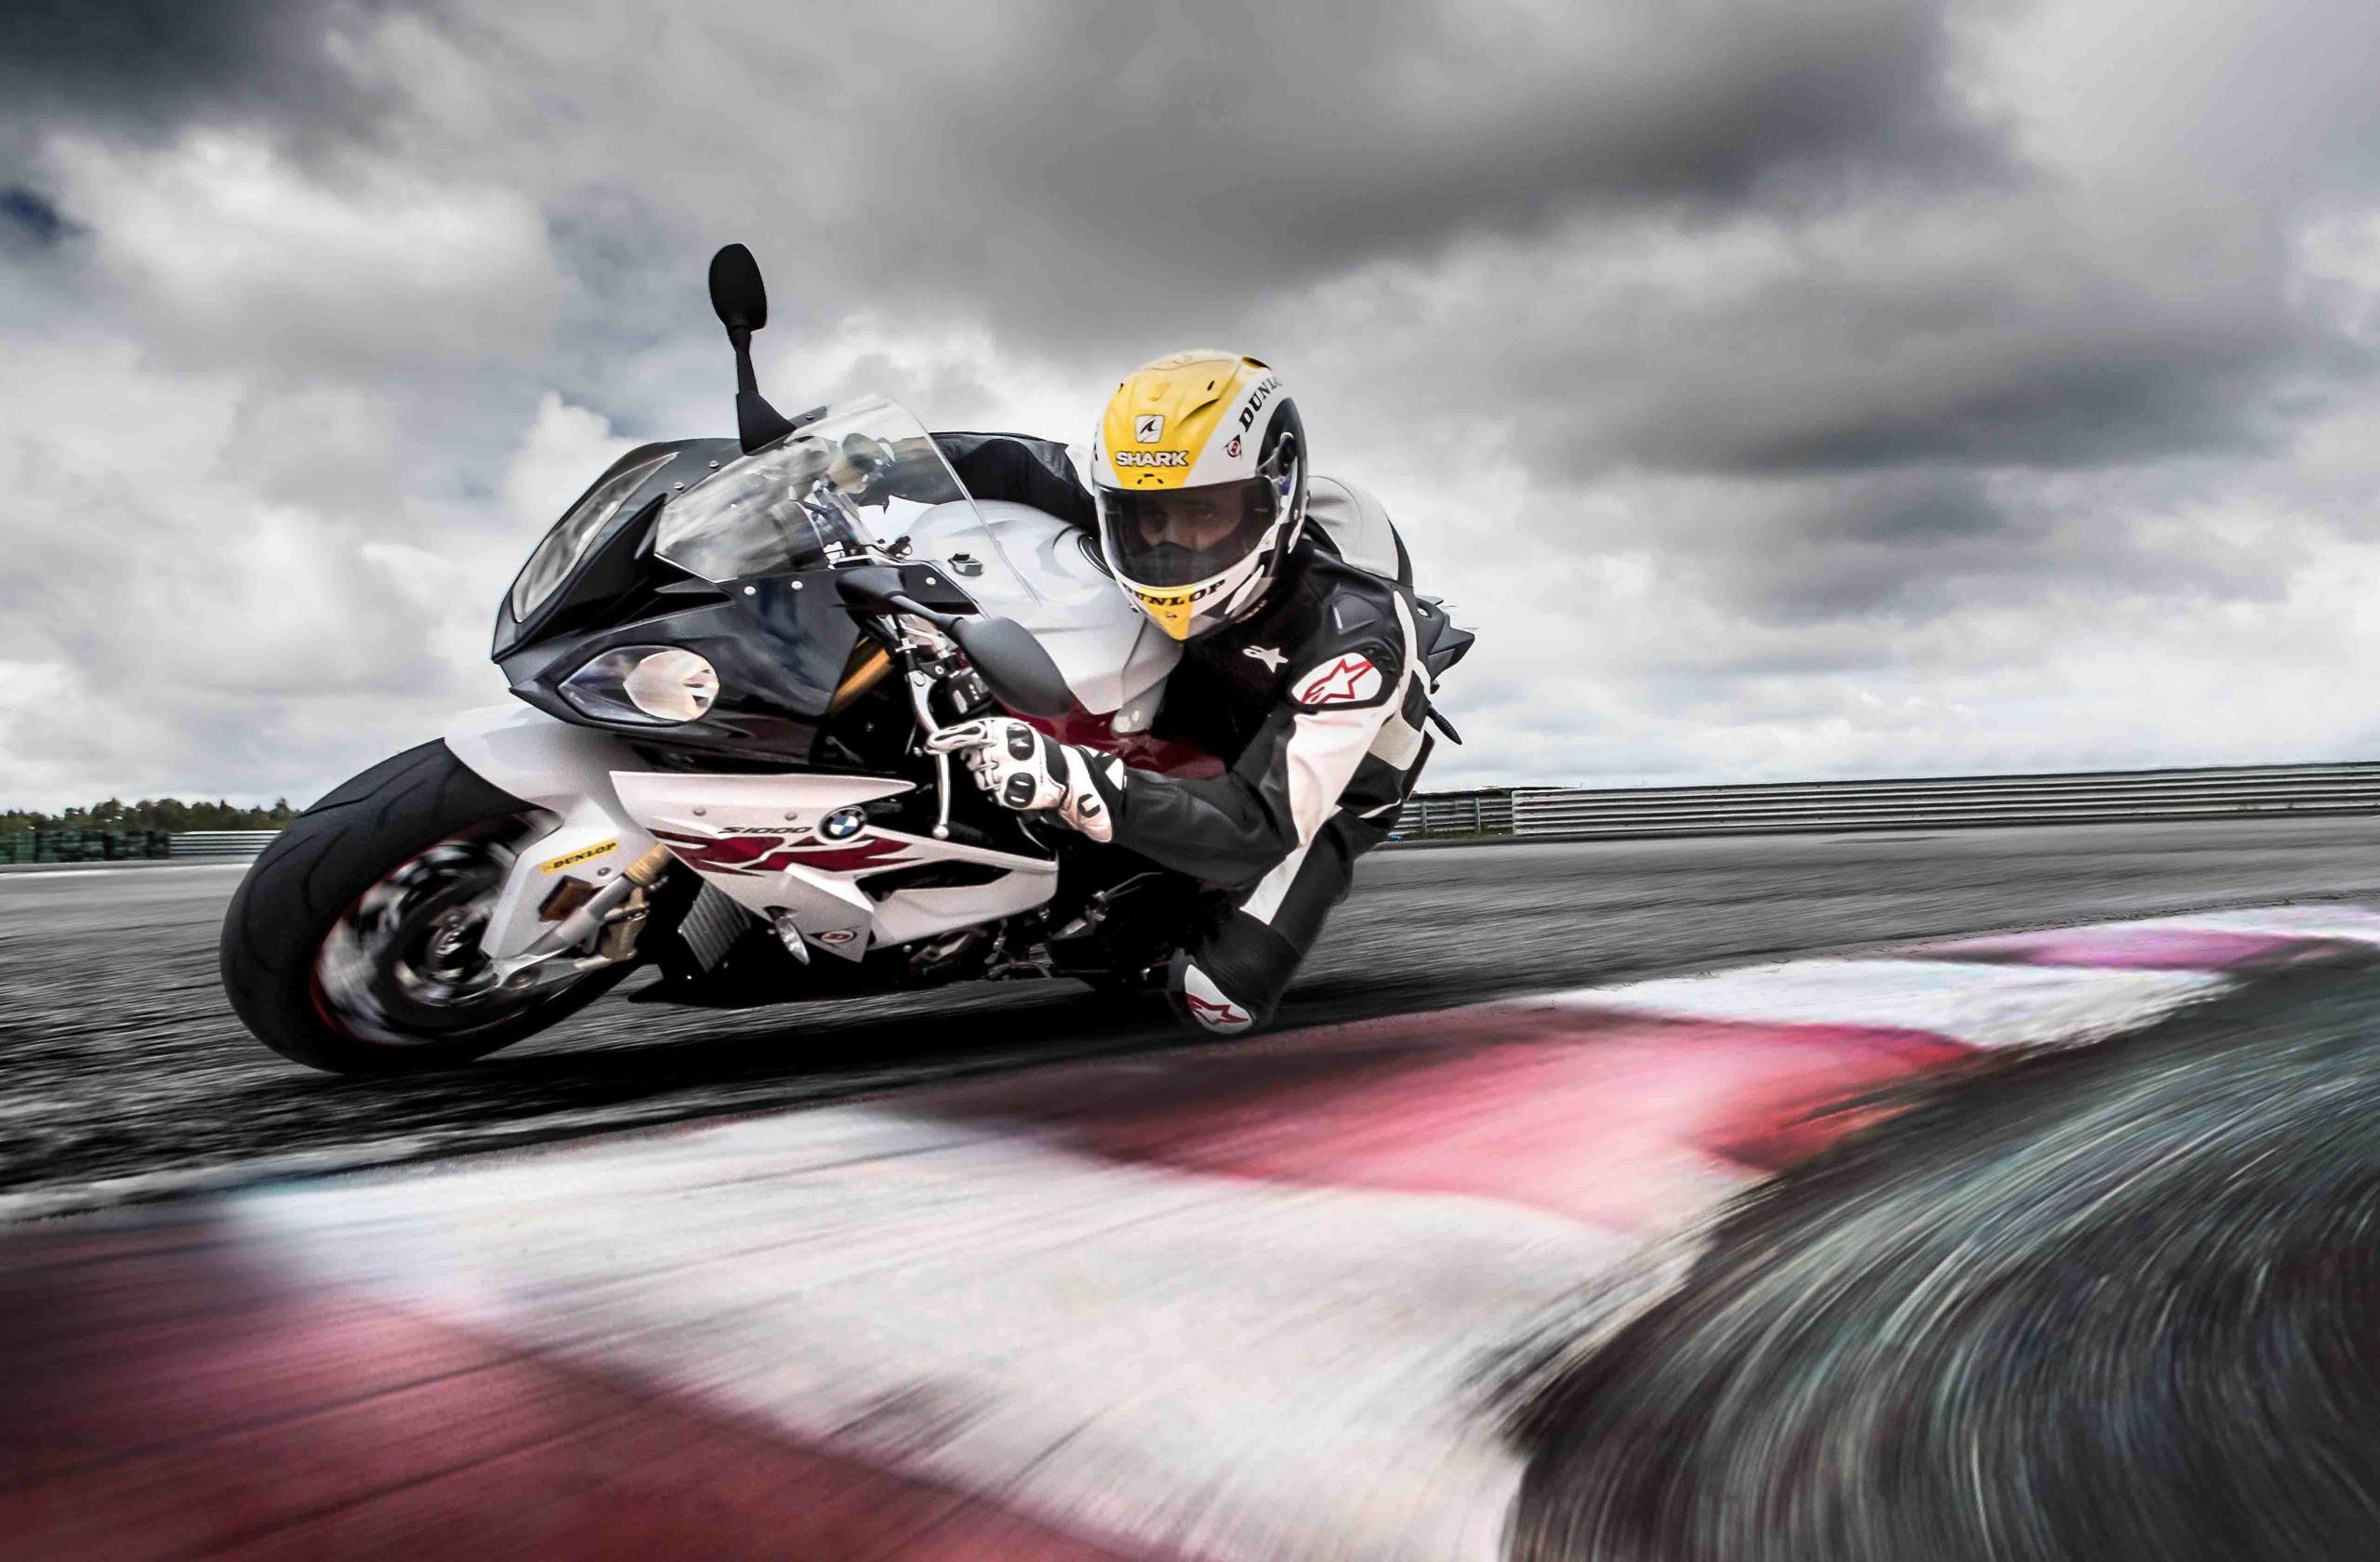 Moto Mikel Prieto